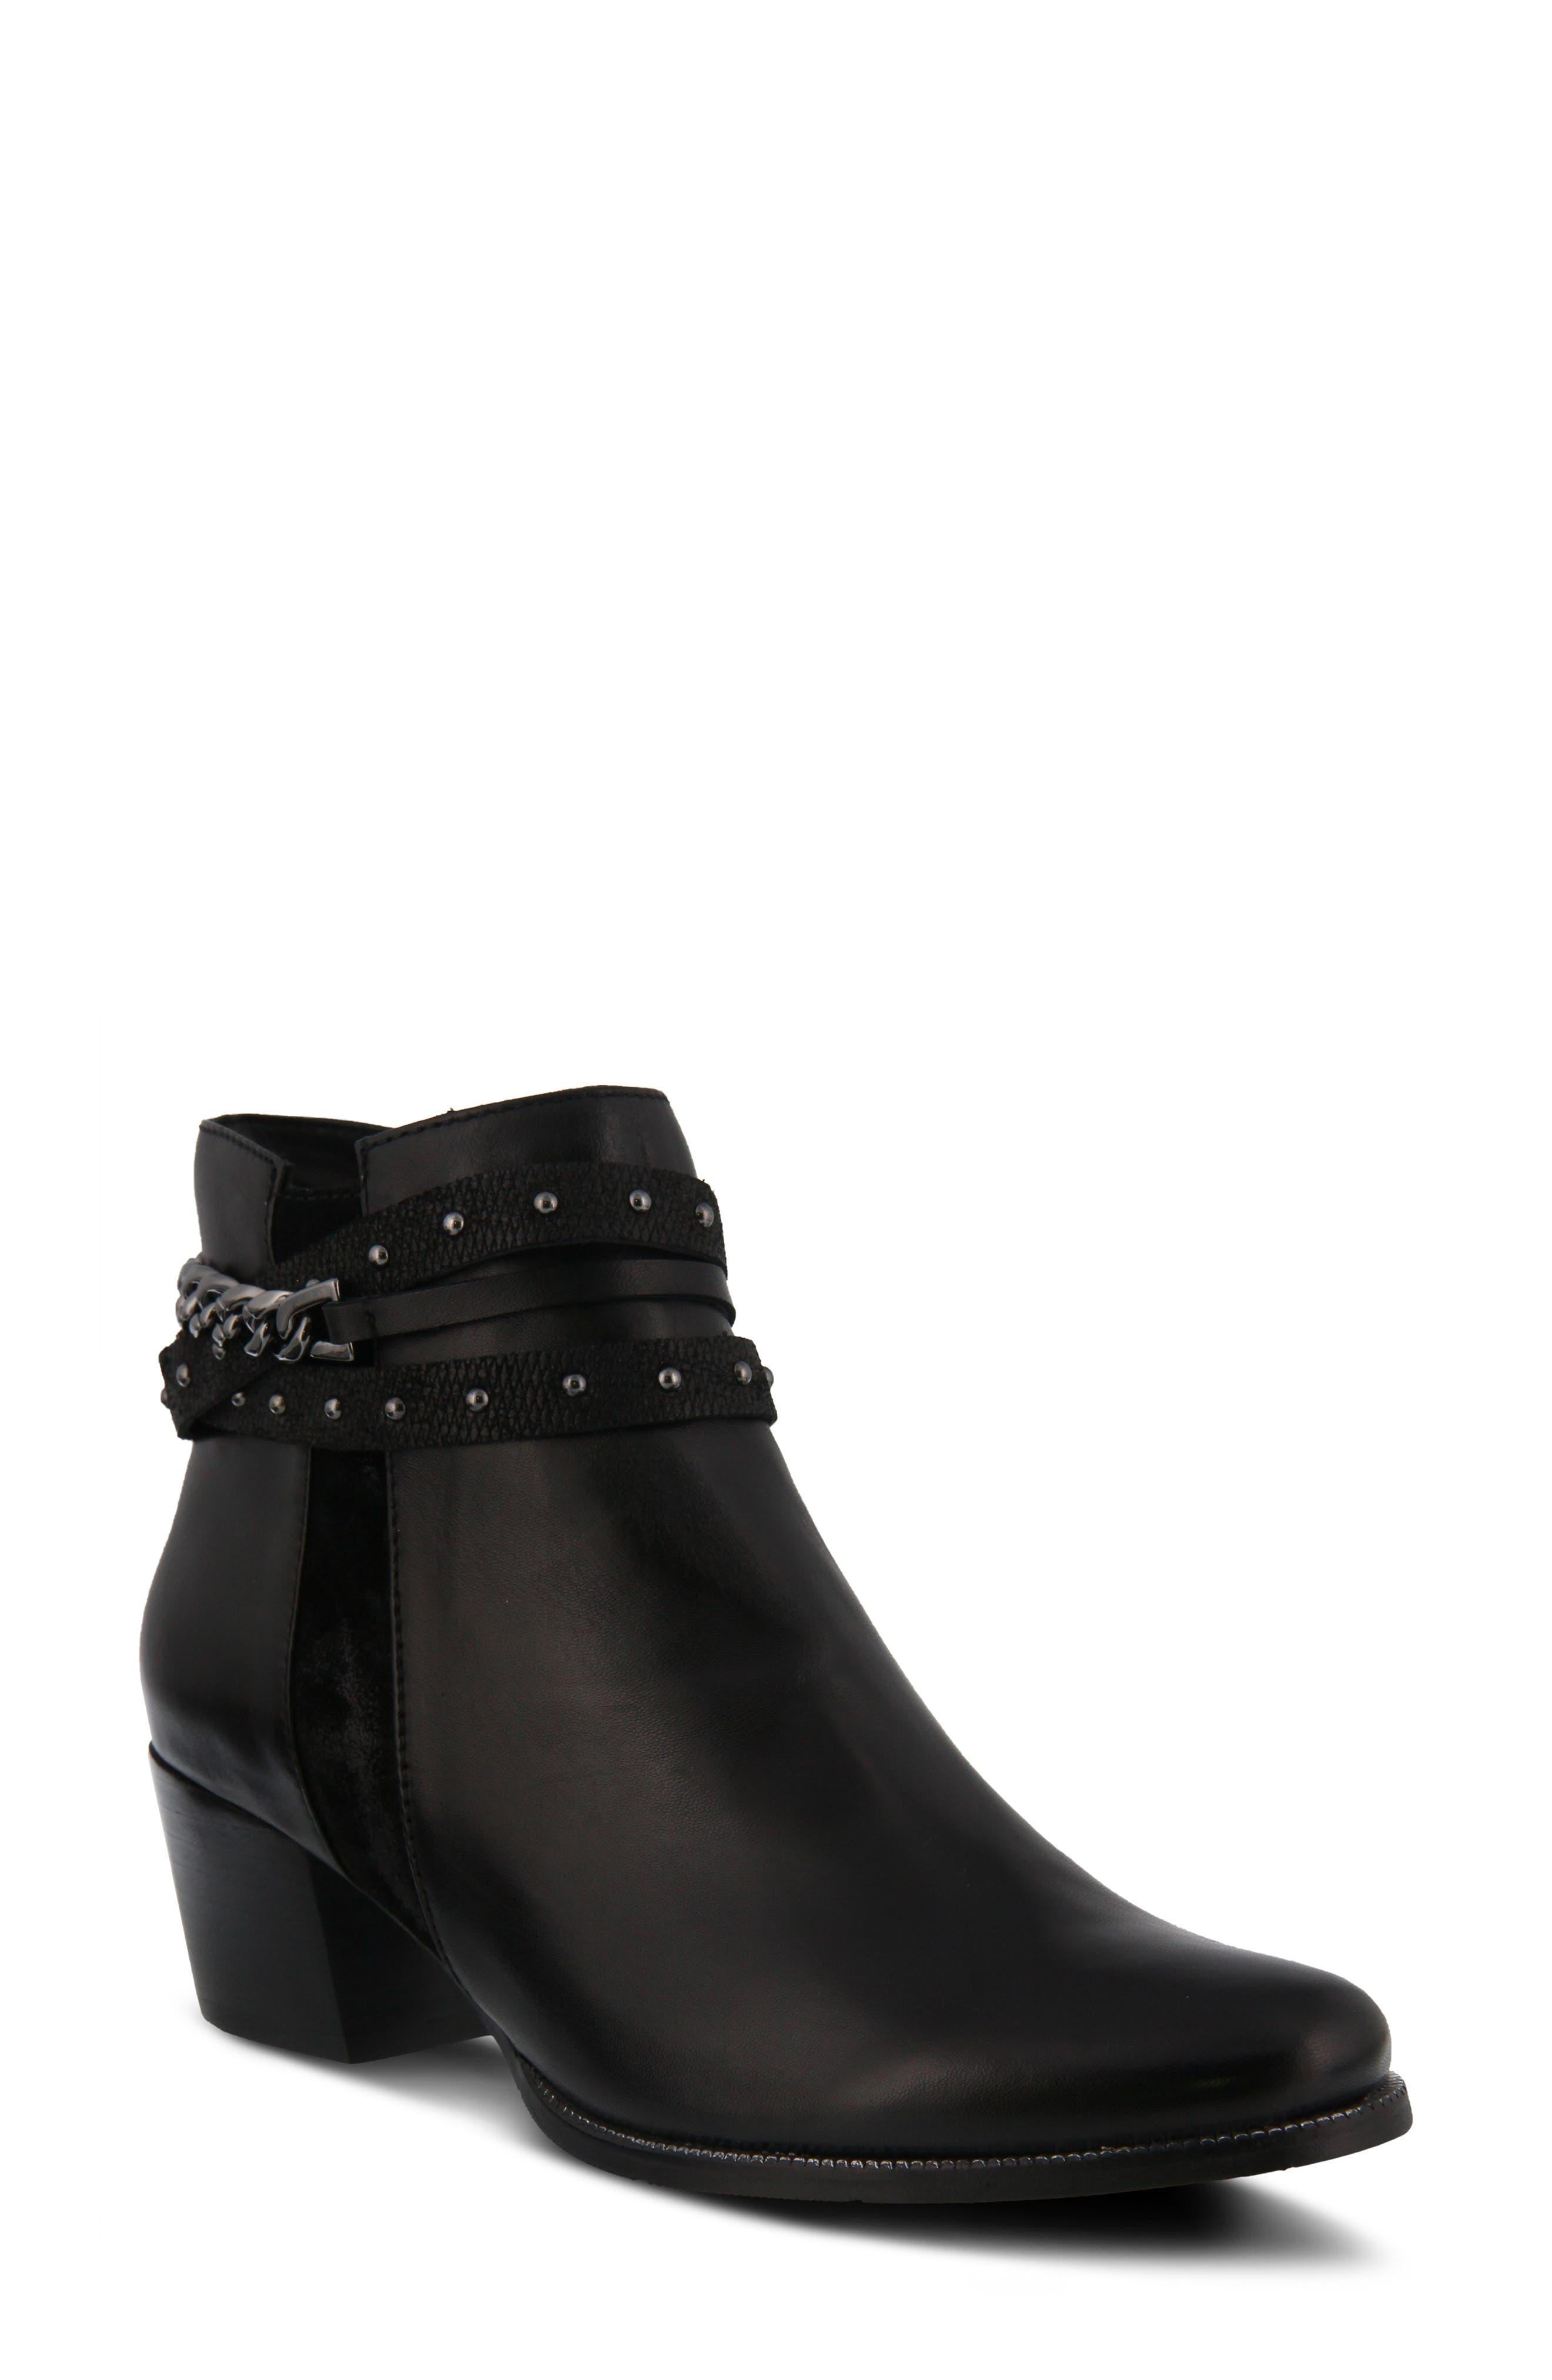 Spring Step Persela Bootie - Black